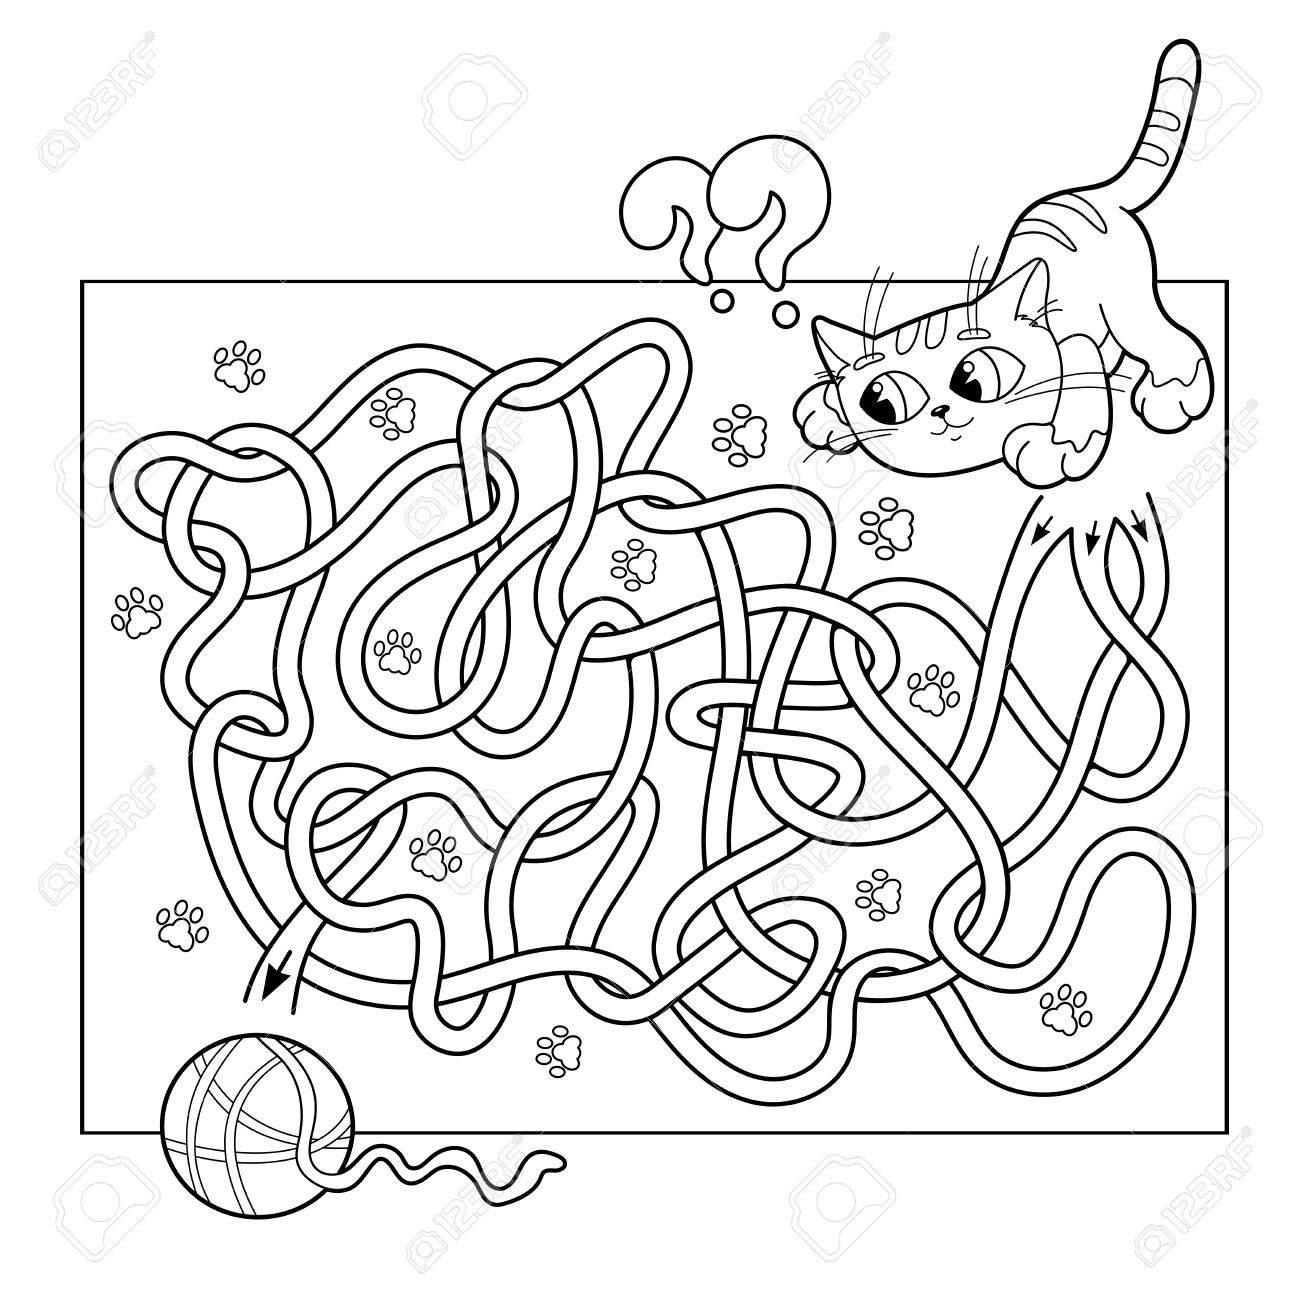 Ilustración Vectorial De Dibujos Animados Del Laberinto De La